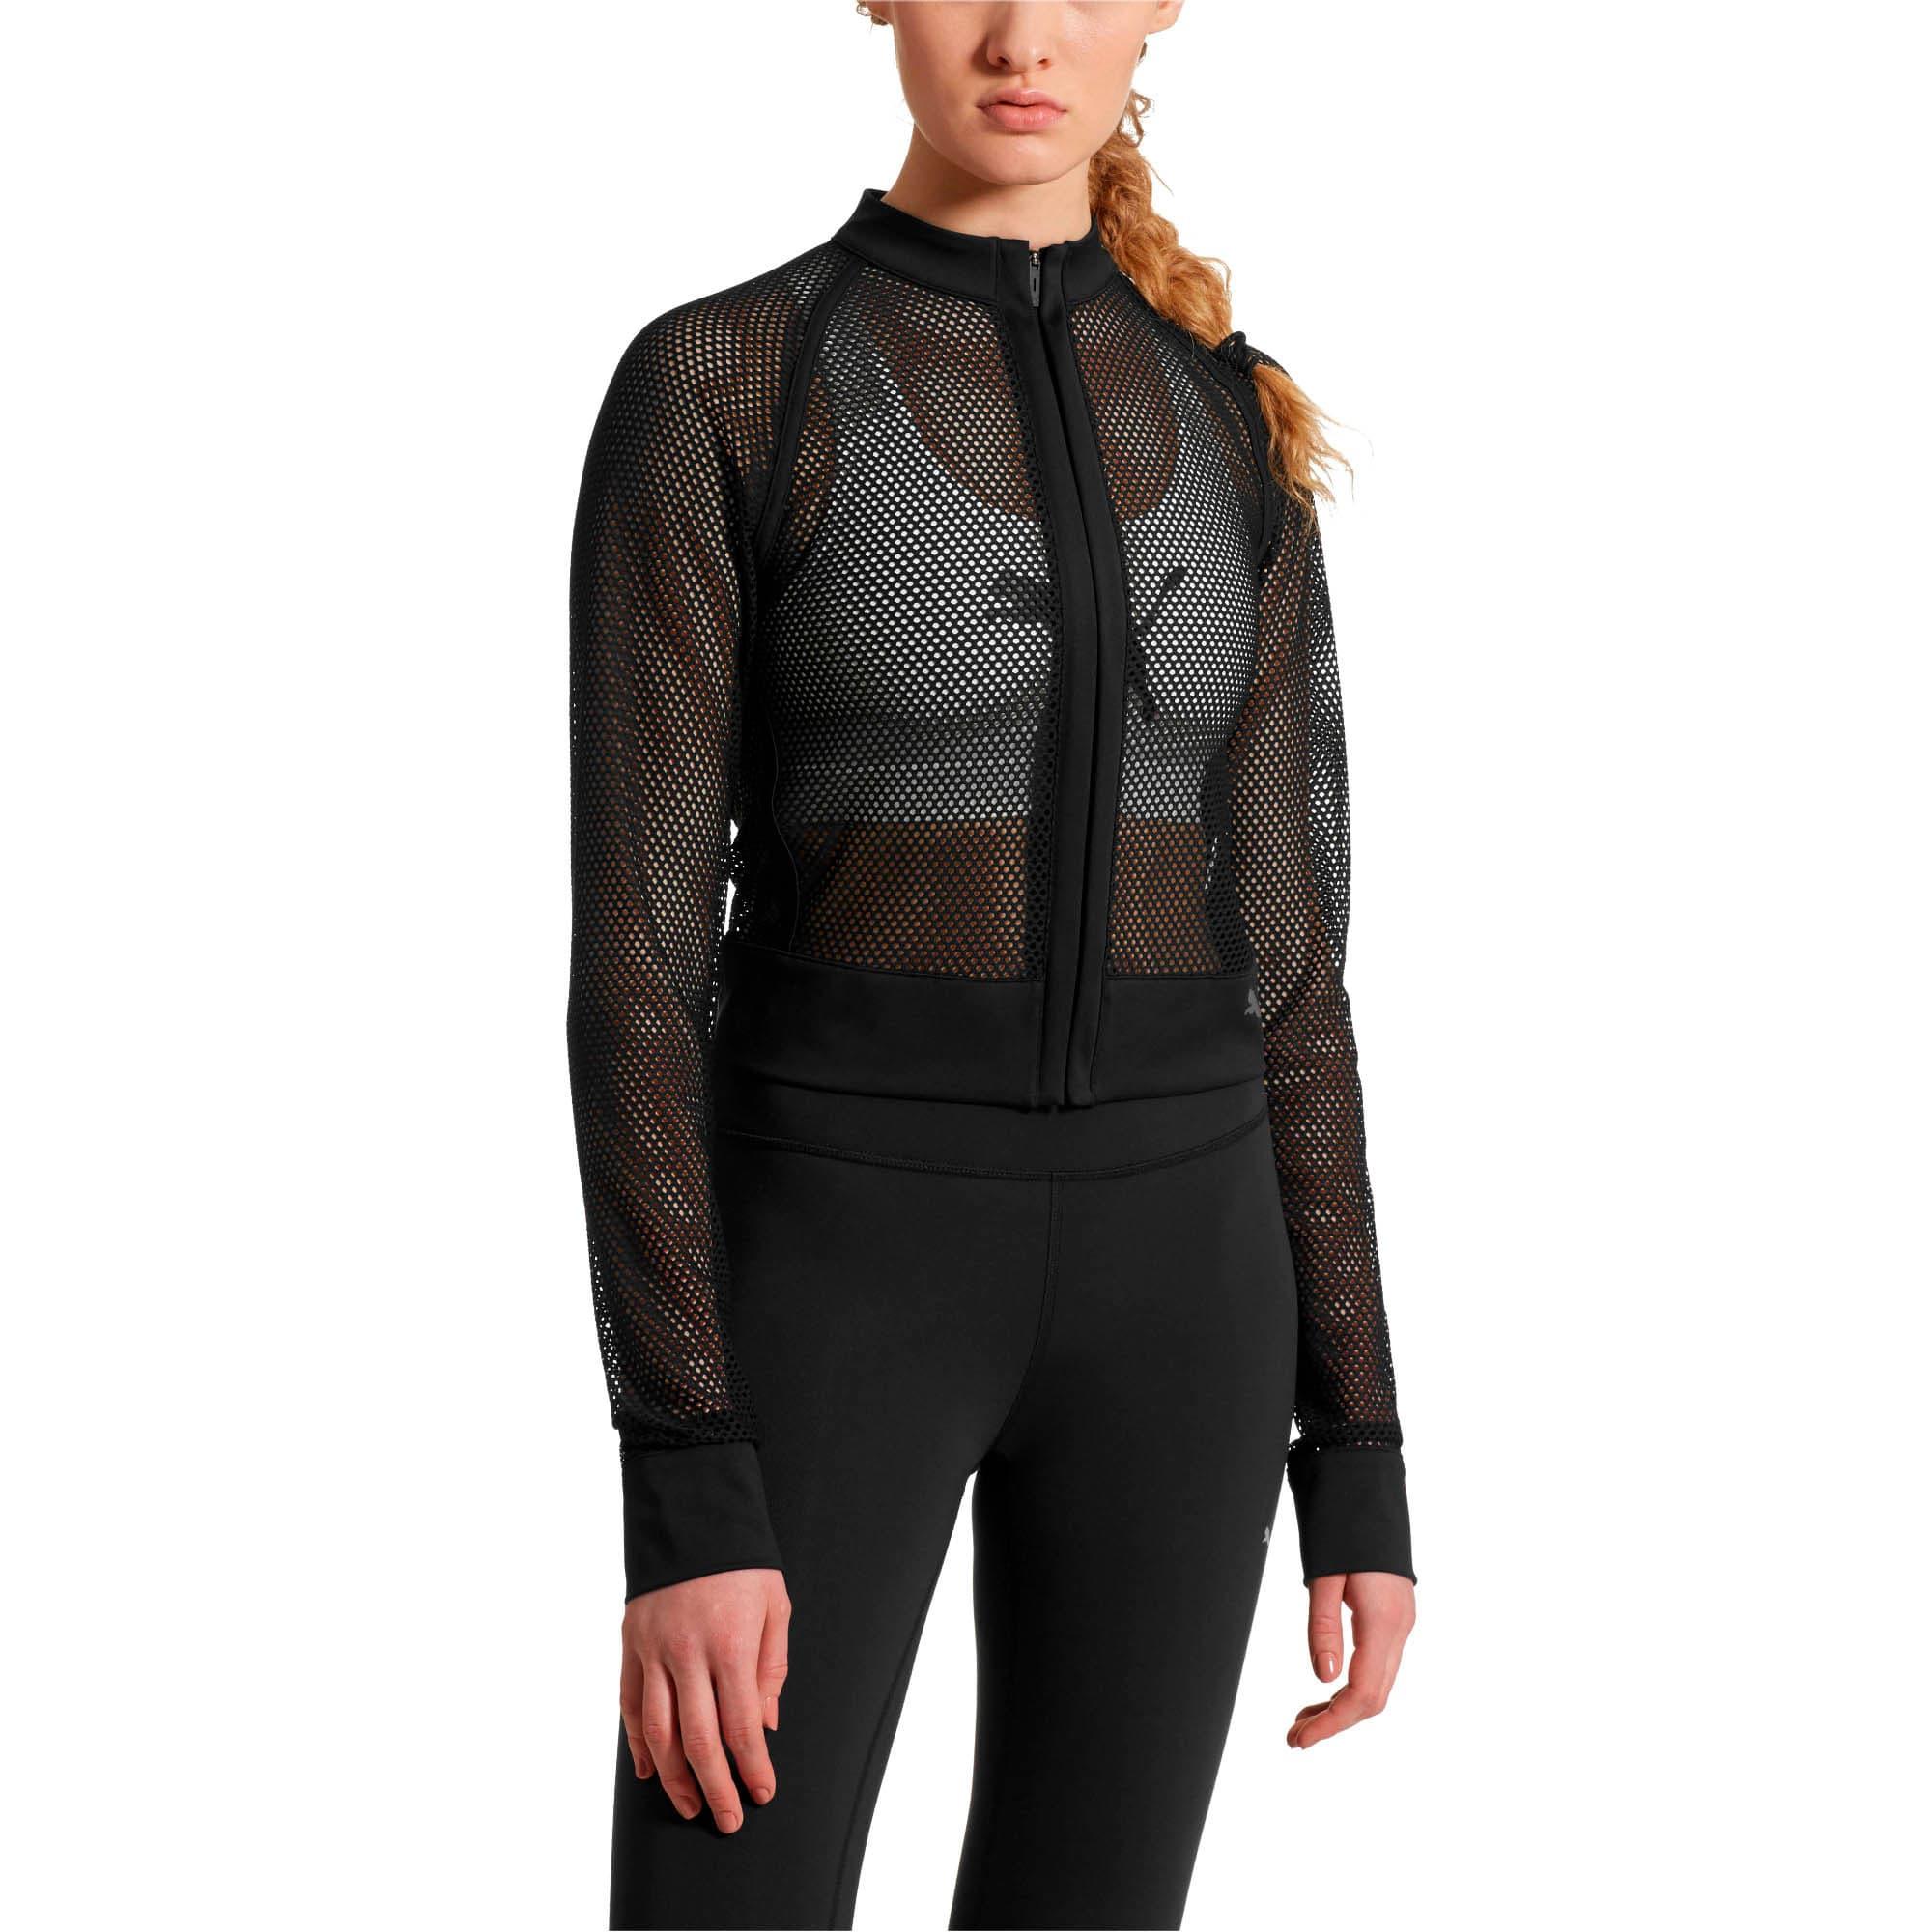 Thumbnail 2 of SG x PUMA Mesh Jacket, Puma Black, medium